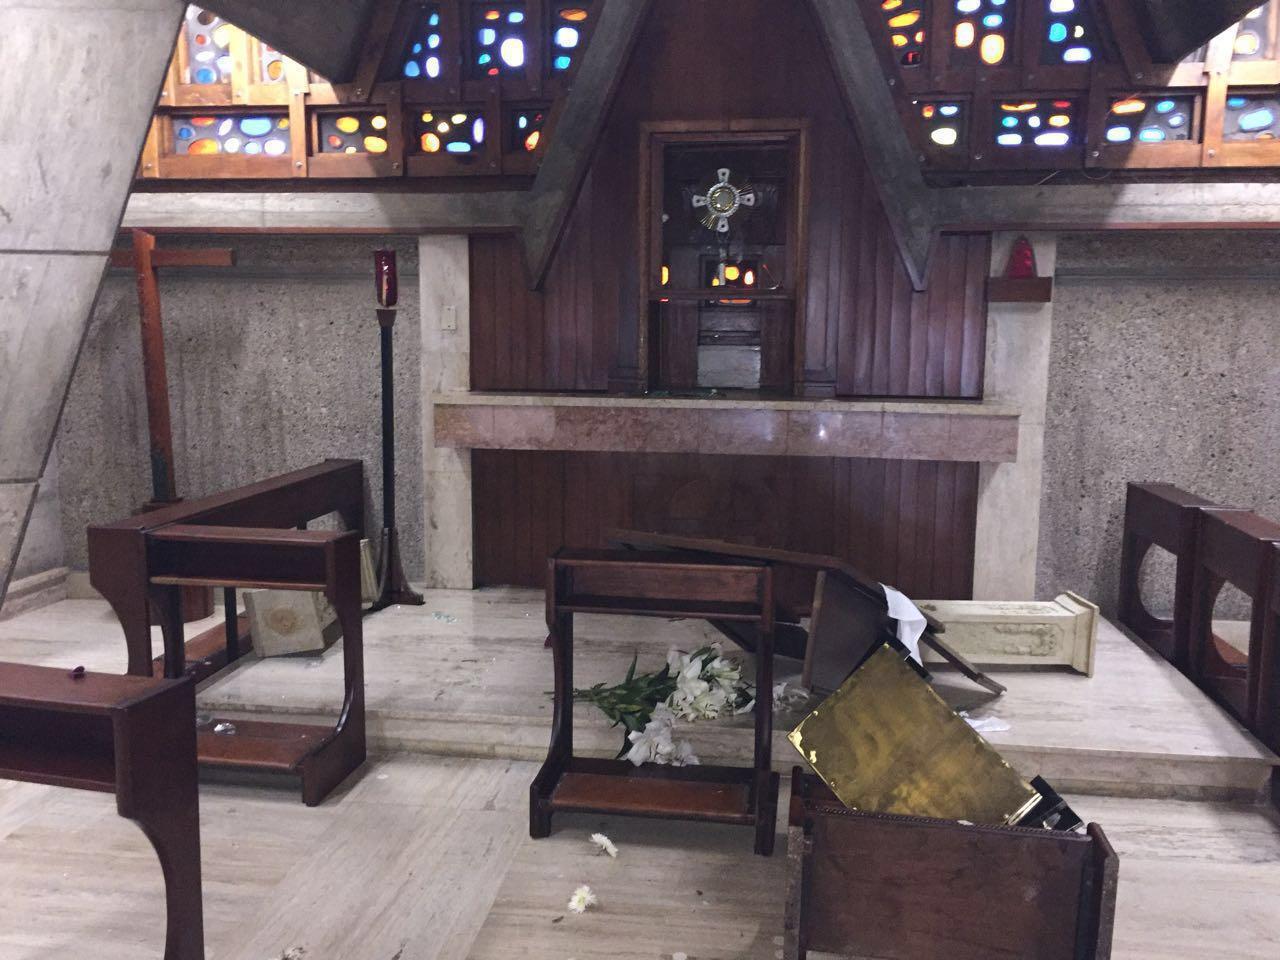 Apresan hombre acusado de destruir propiedad dentro de la Basílica de Higüey